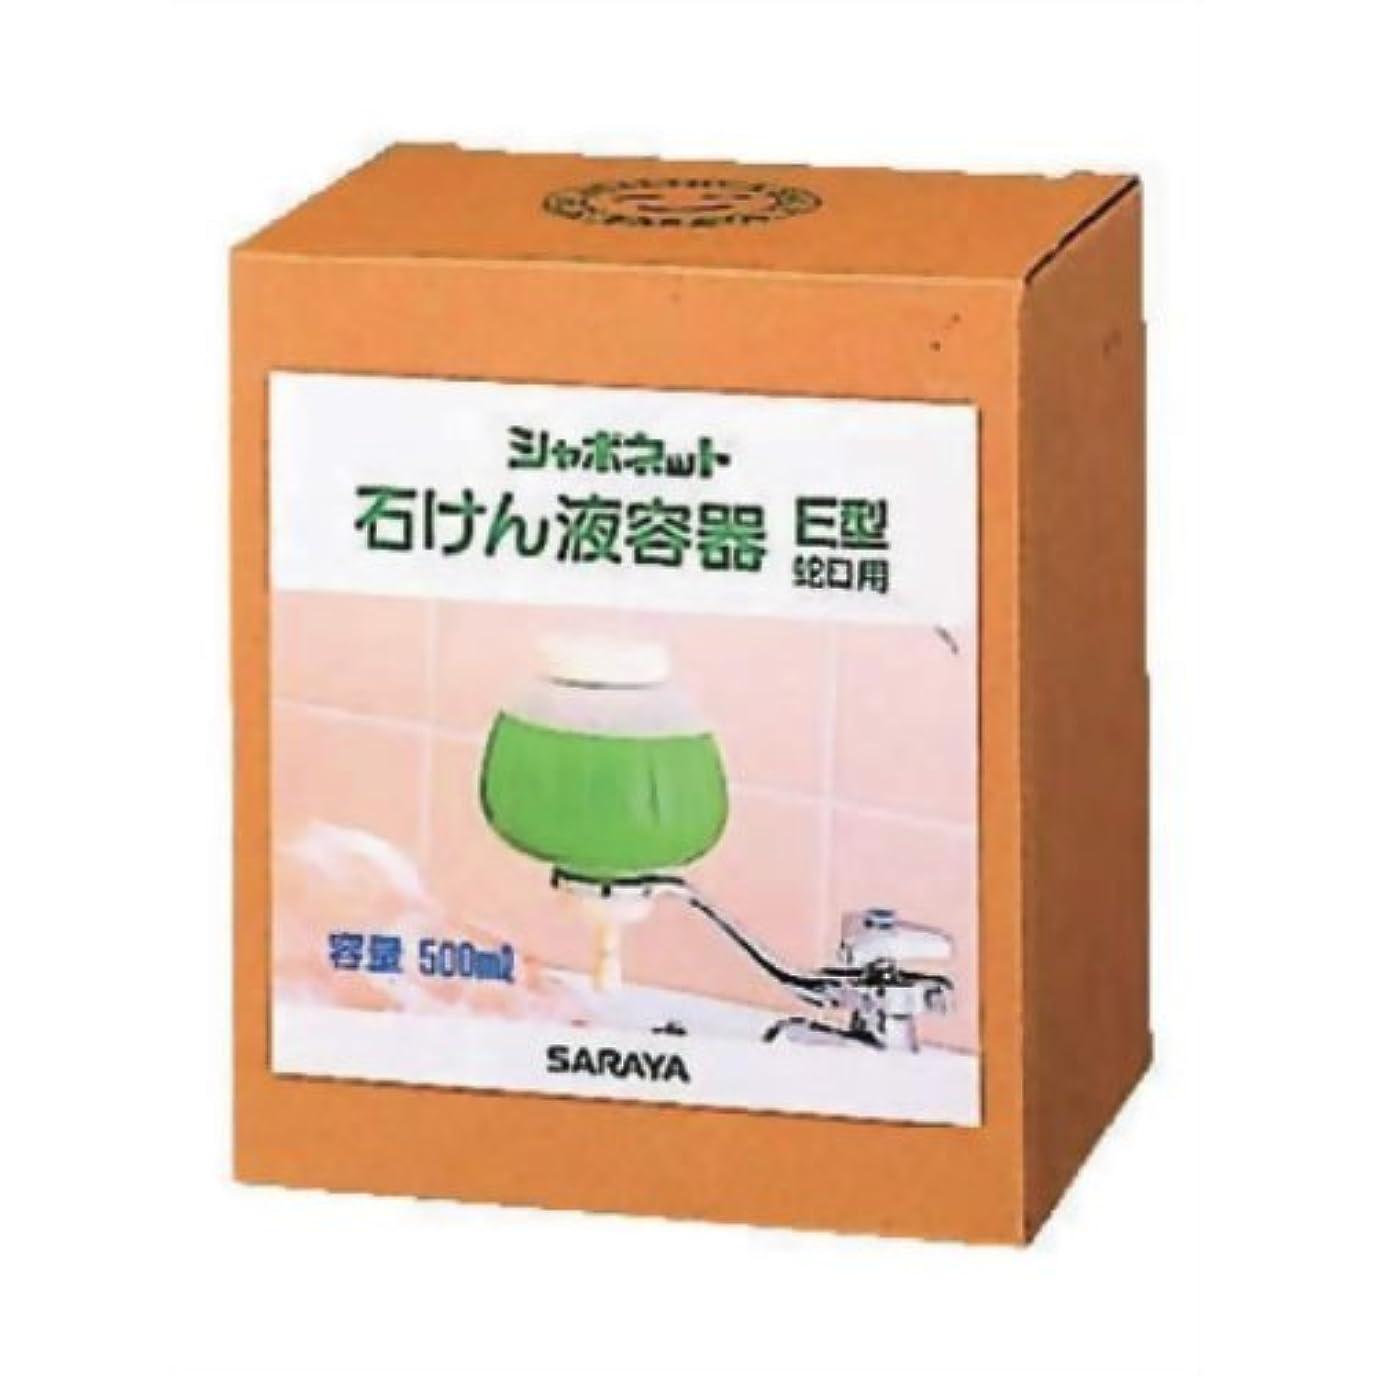 画家意図的一緒にシャボネット 石鹸液容器 E型蛇口用 500ml